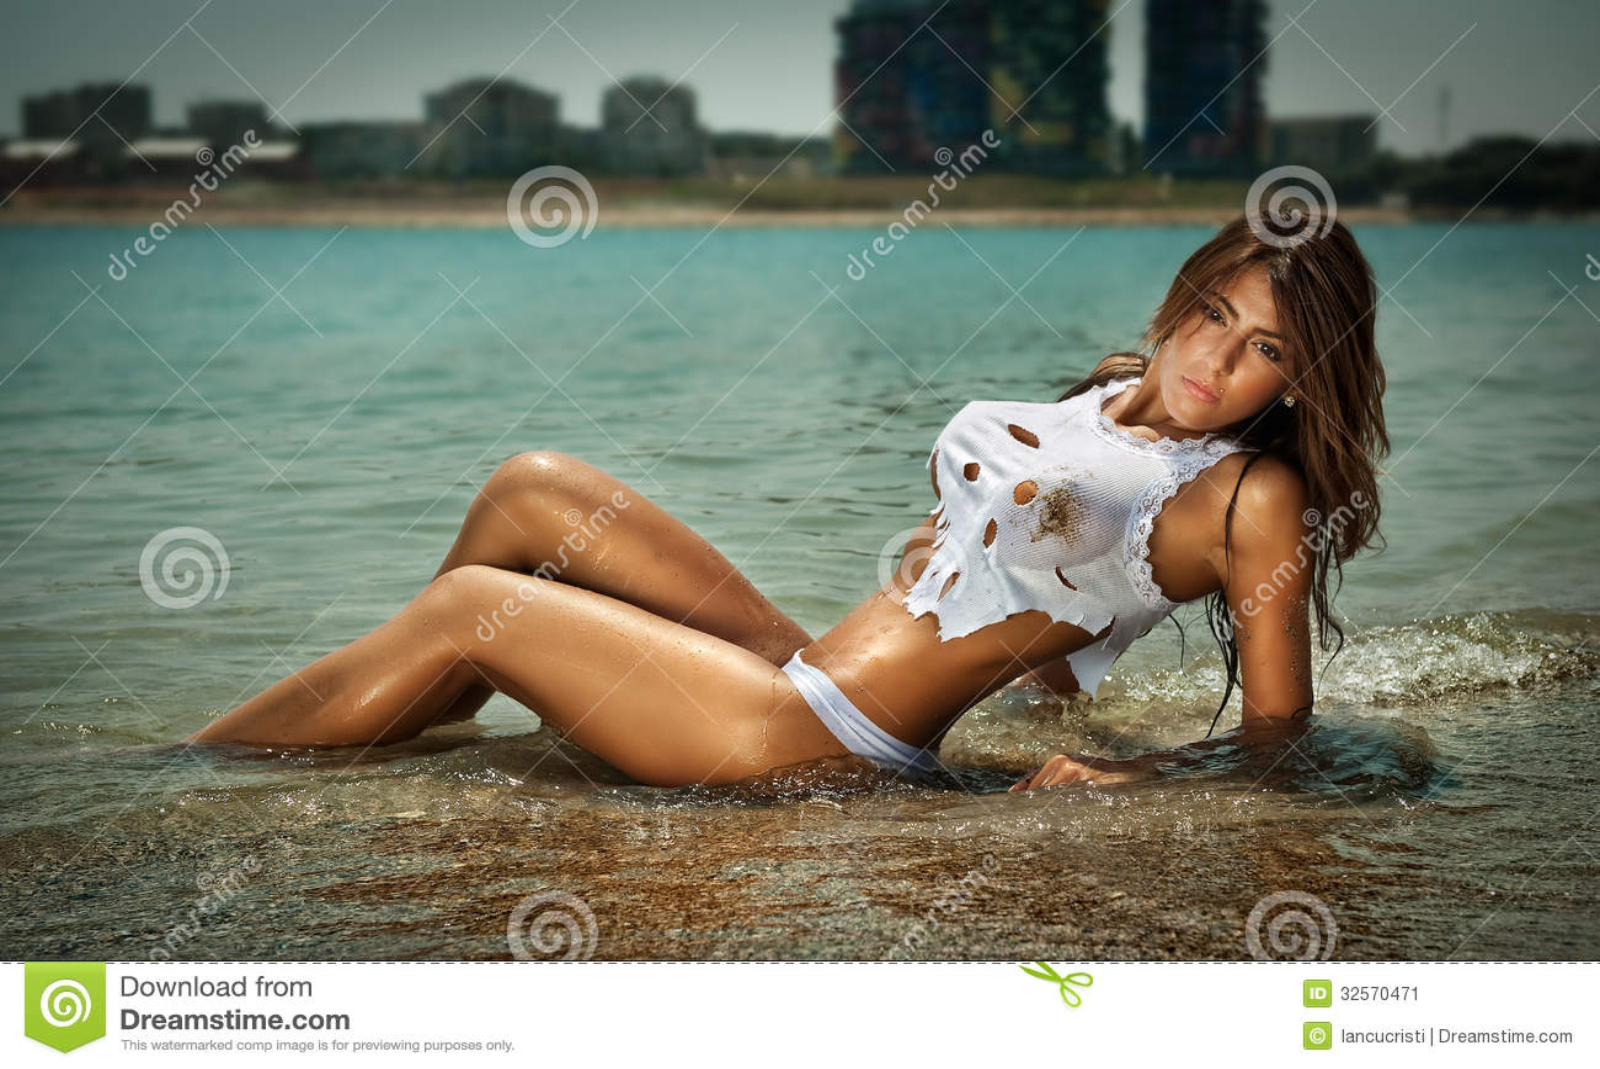 Adatti il ritratto di giovane ragazza castana sexy in bikini e maglietta bagnata alla spiaggia